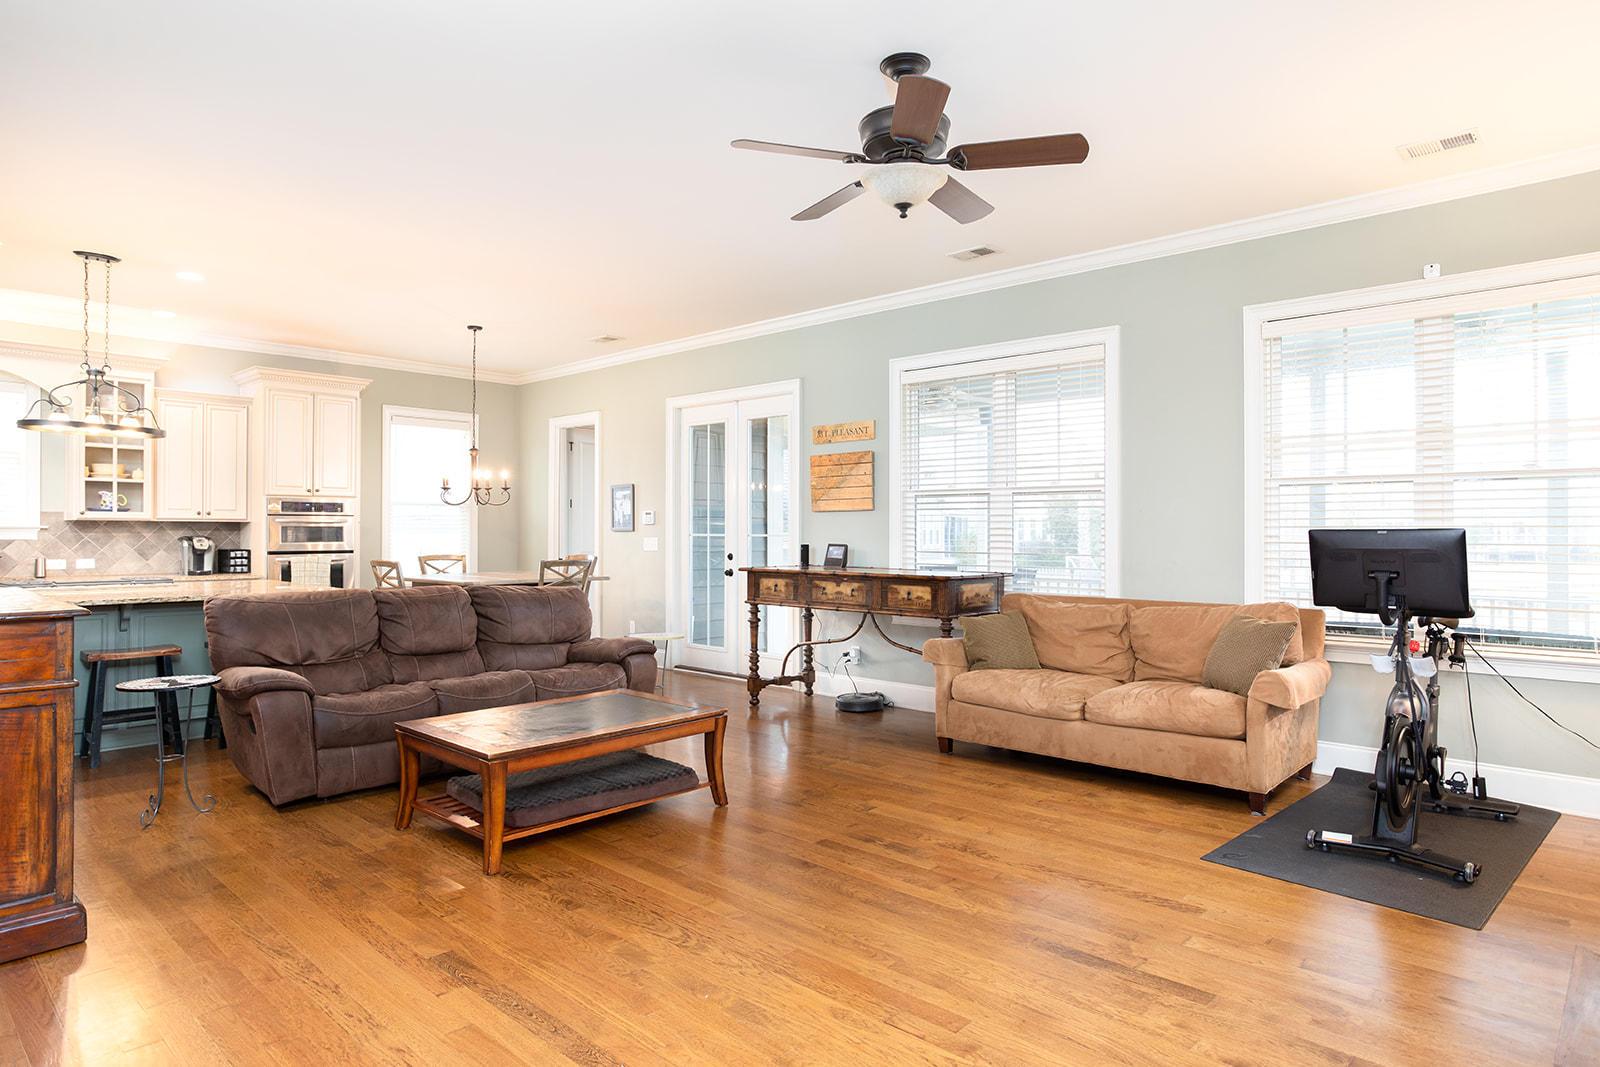 Dunes West Homes For Sale - 3019 Yachtsman, Mount Pleasant, SC - 7